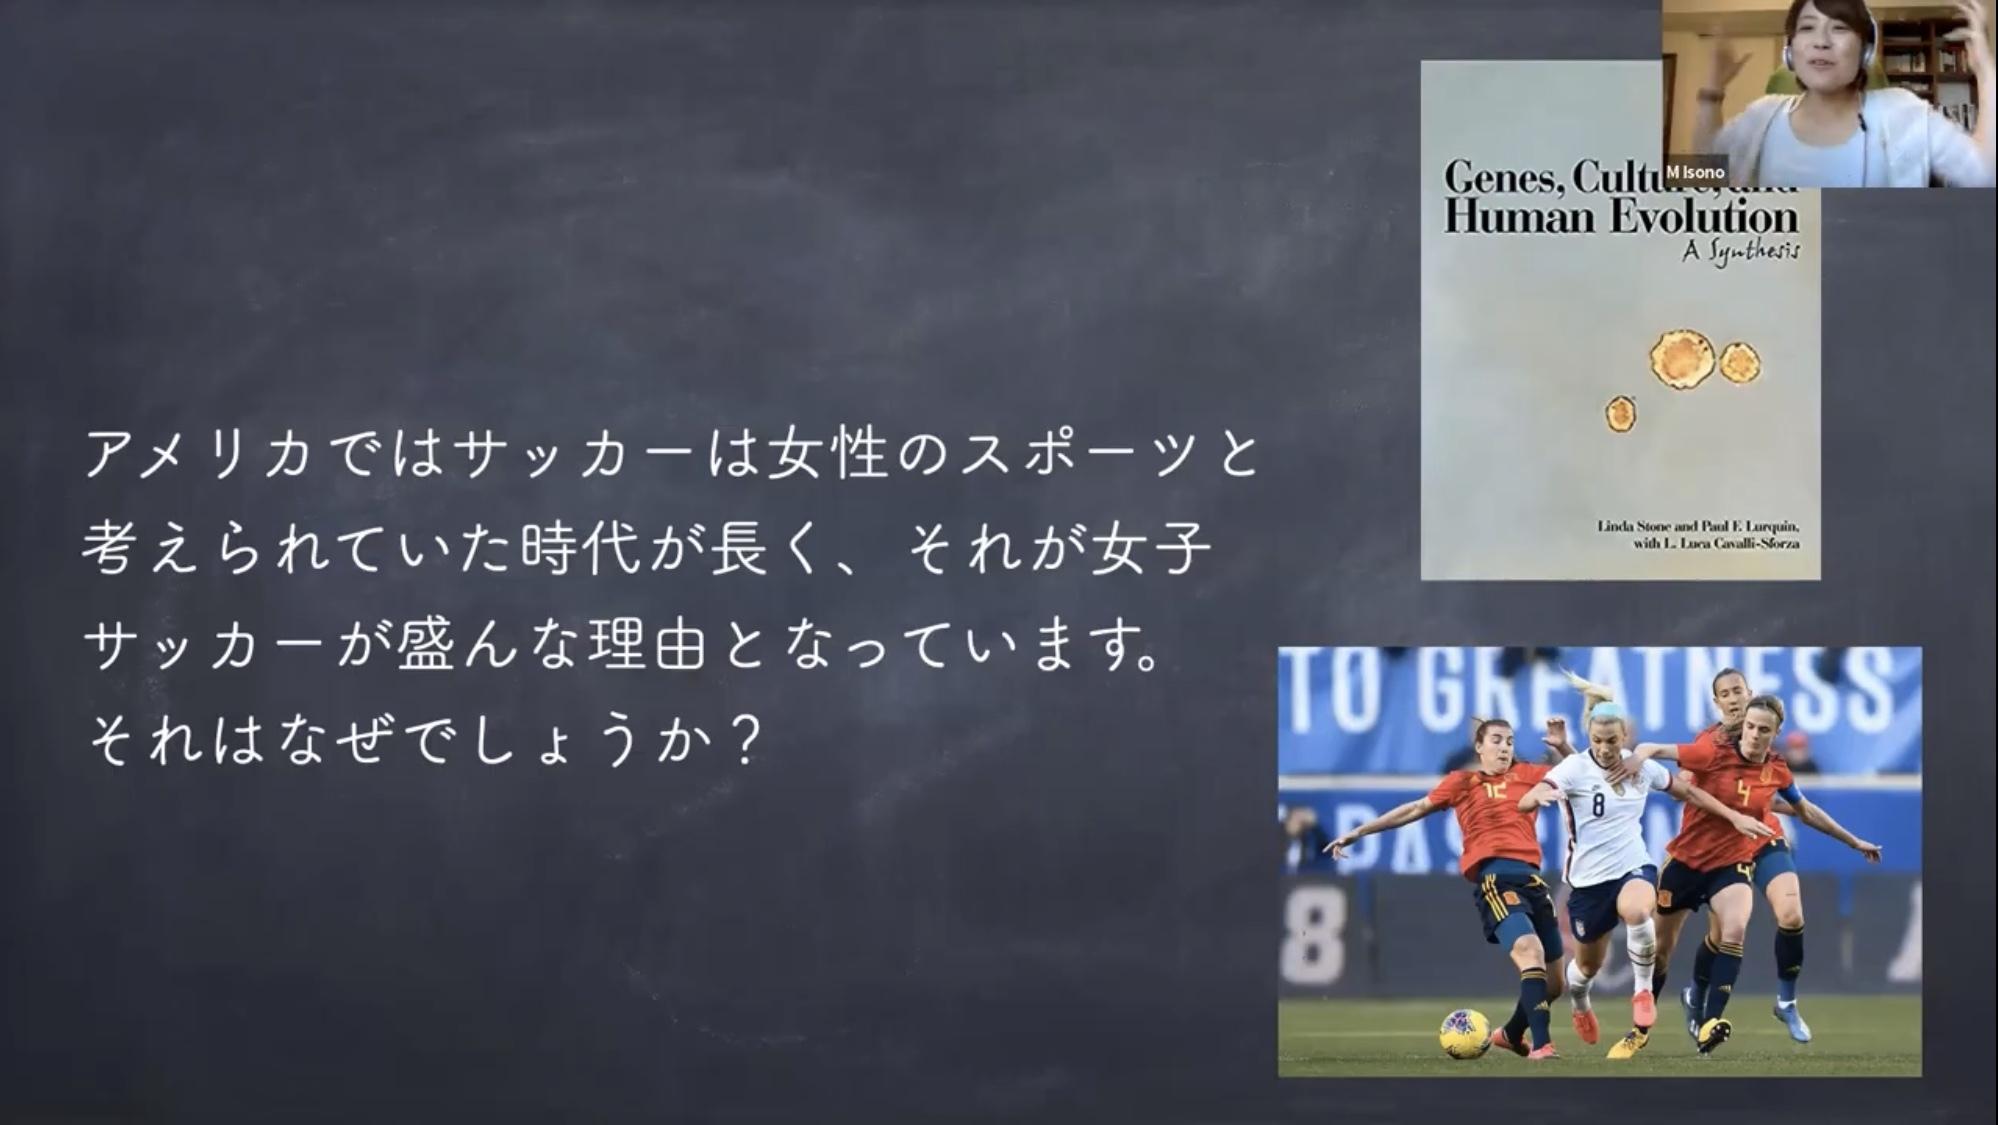 磯野真穂さんの講演 サマー合宿(中1・中2)& 夏合宿(中3)_d0116009_14461558.jpg